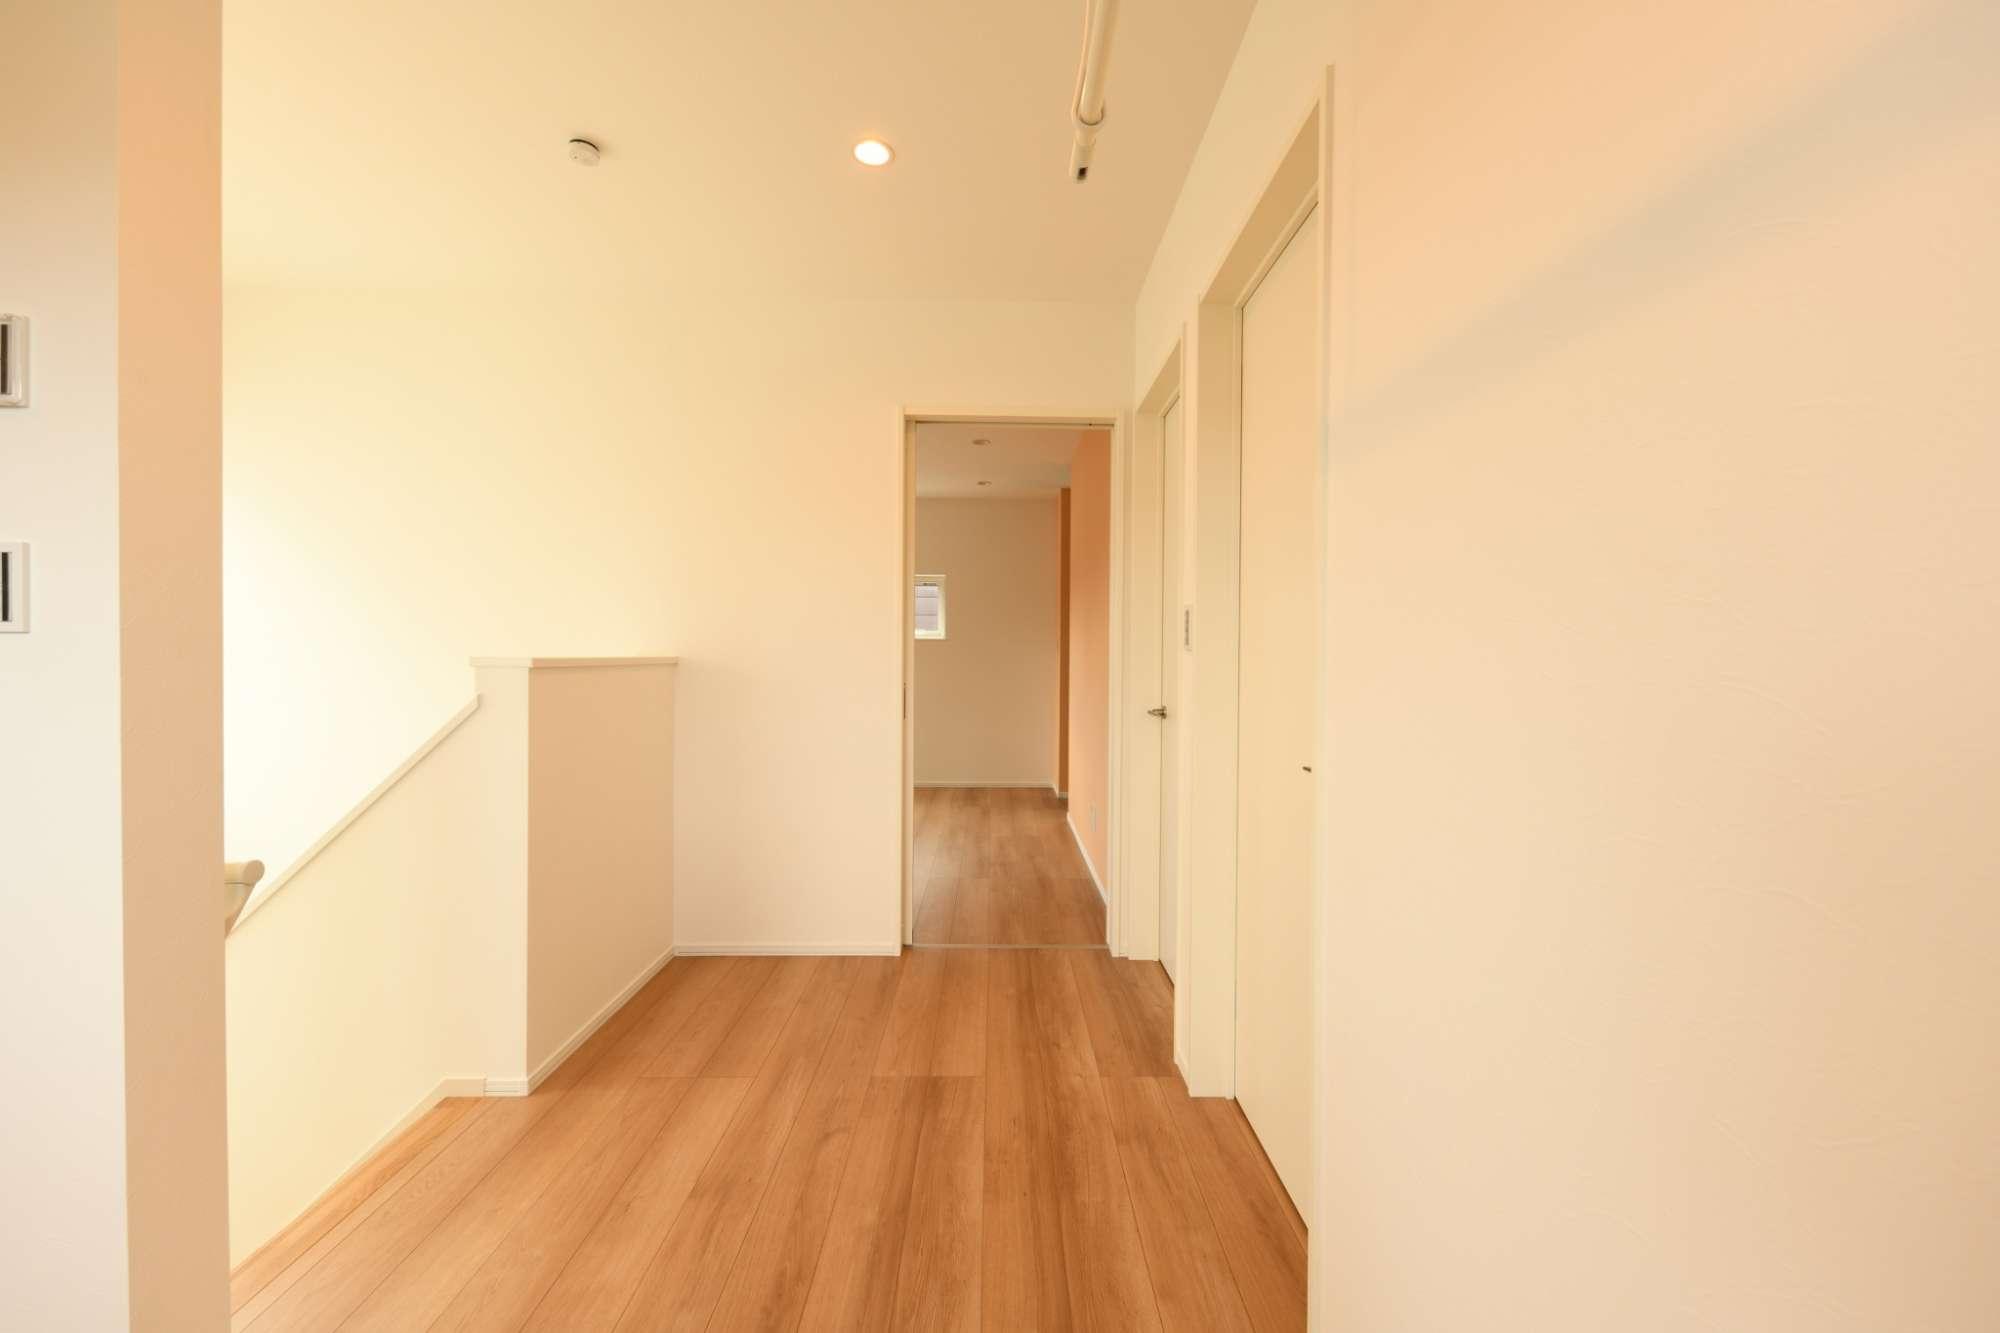 2階ホールの開放的で、部屋同士の行き来も楽にできる -  -  -